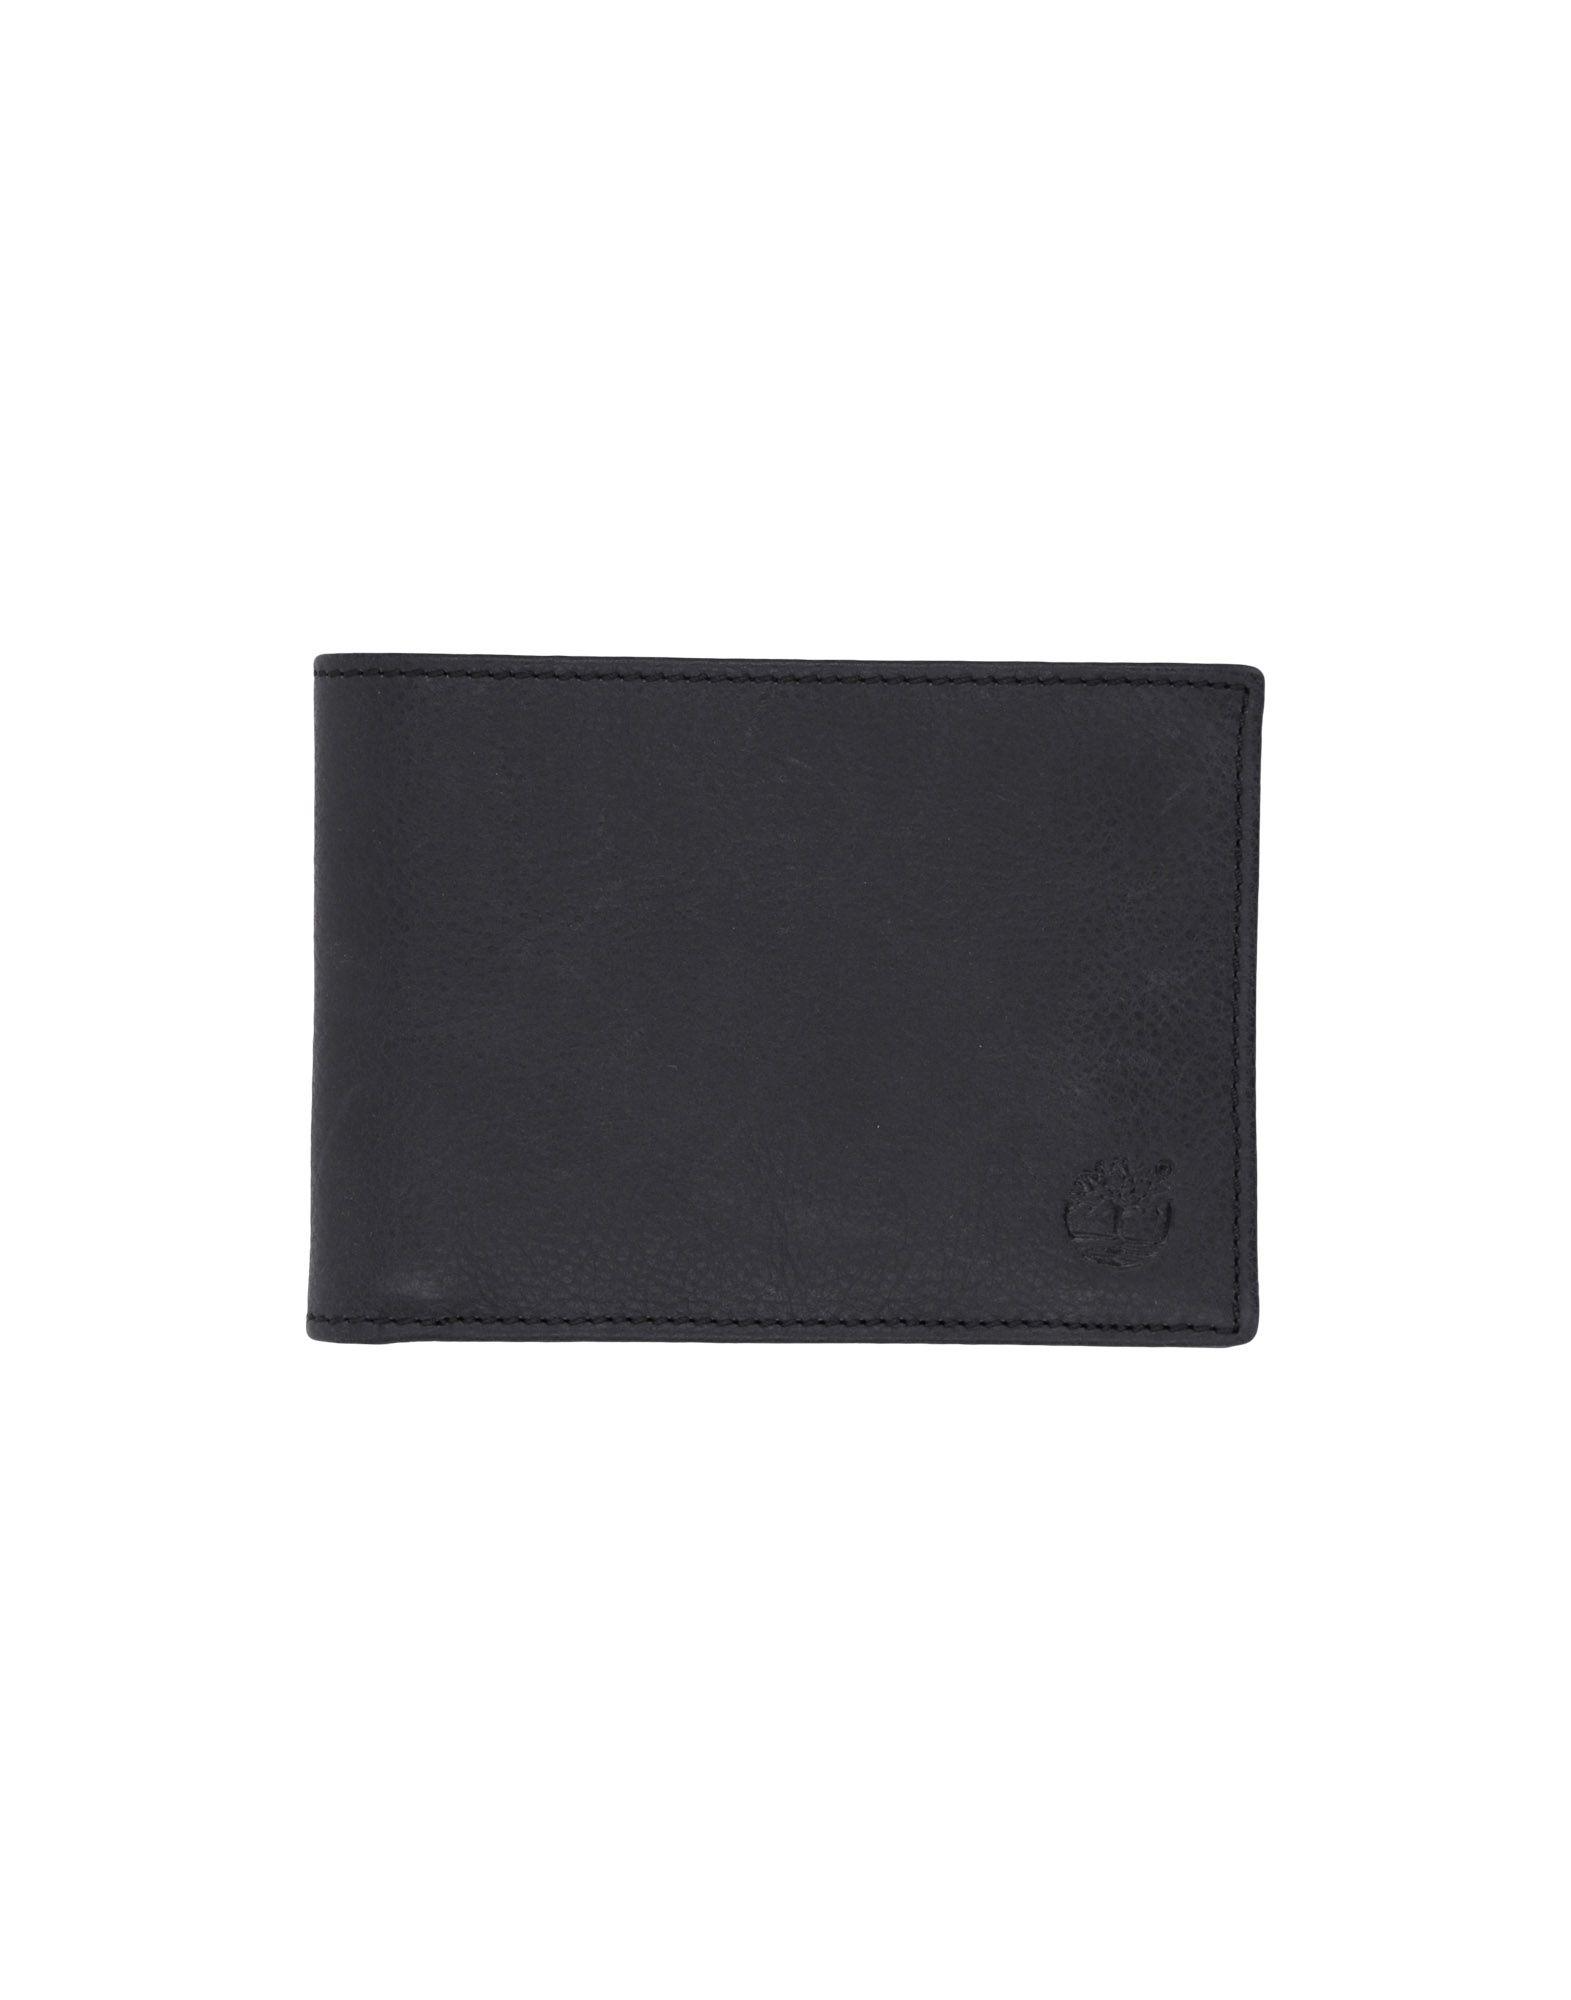 《送料無料》TIMBERLAND メンズ 財布 ブラック 革